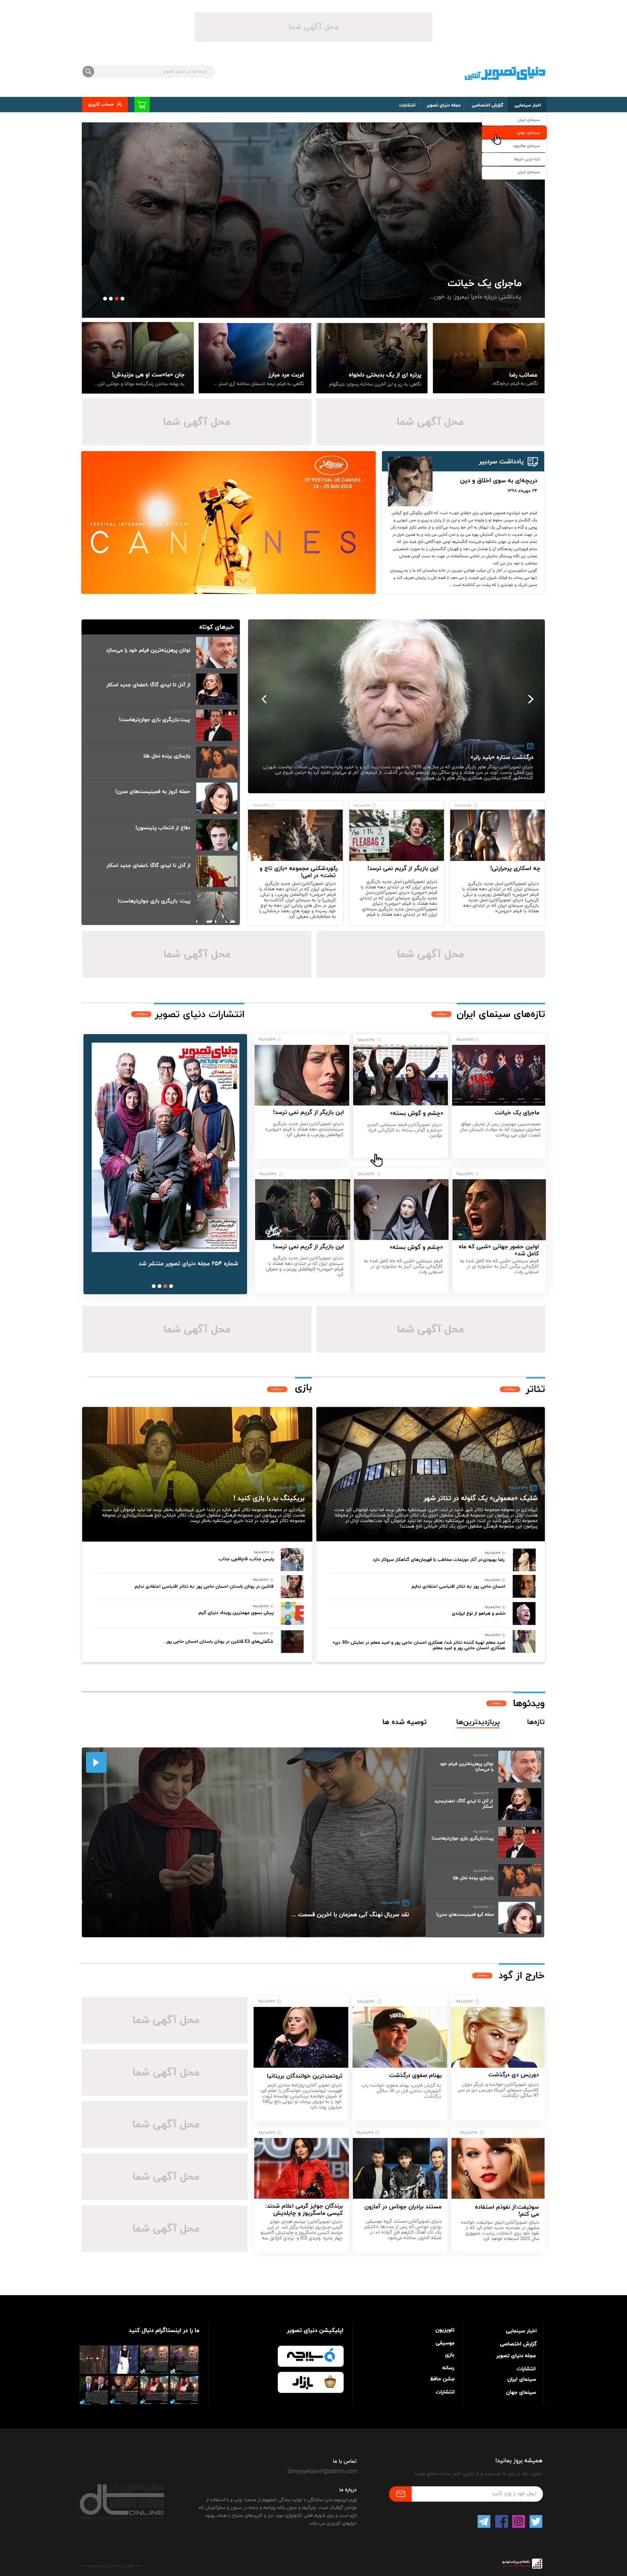 مجله سینمایی دنیای تصویر آنلاین